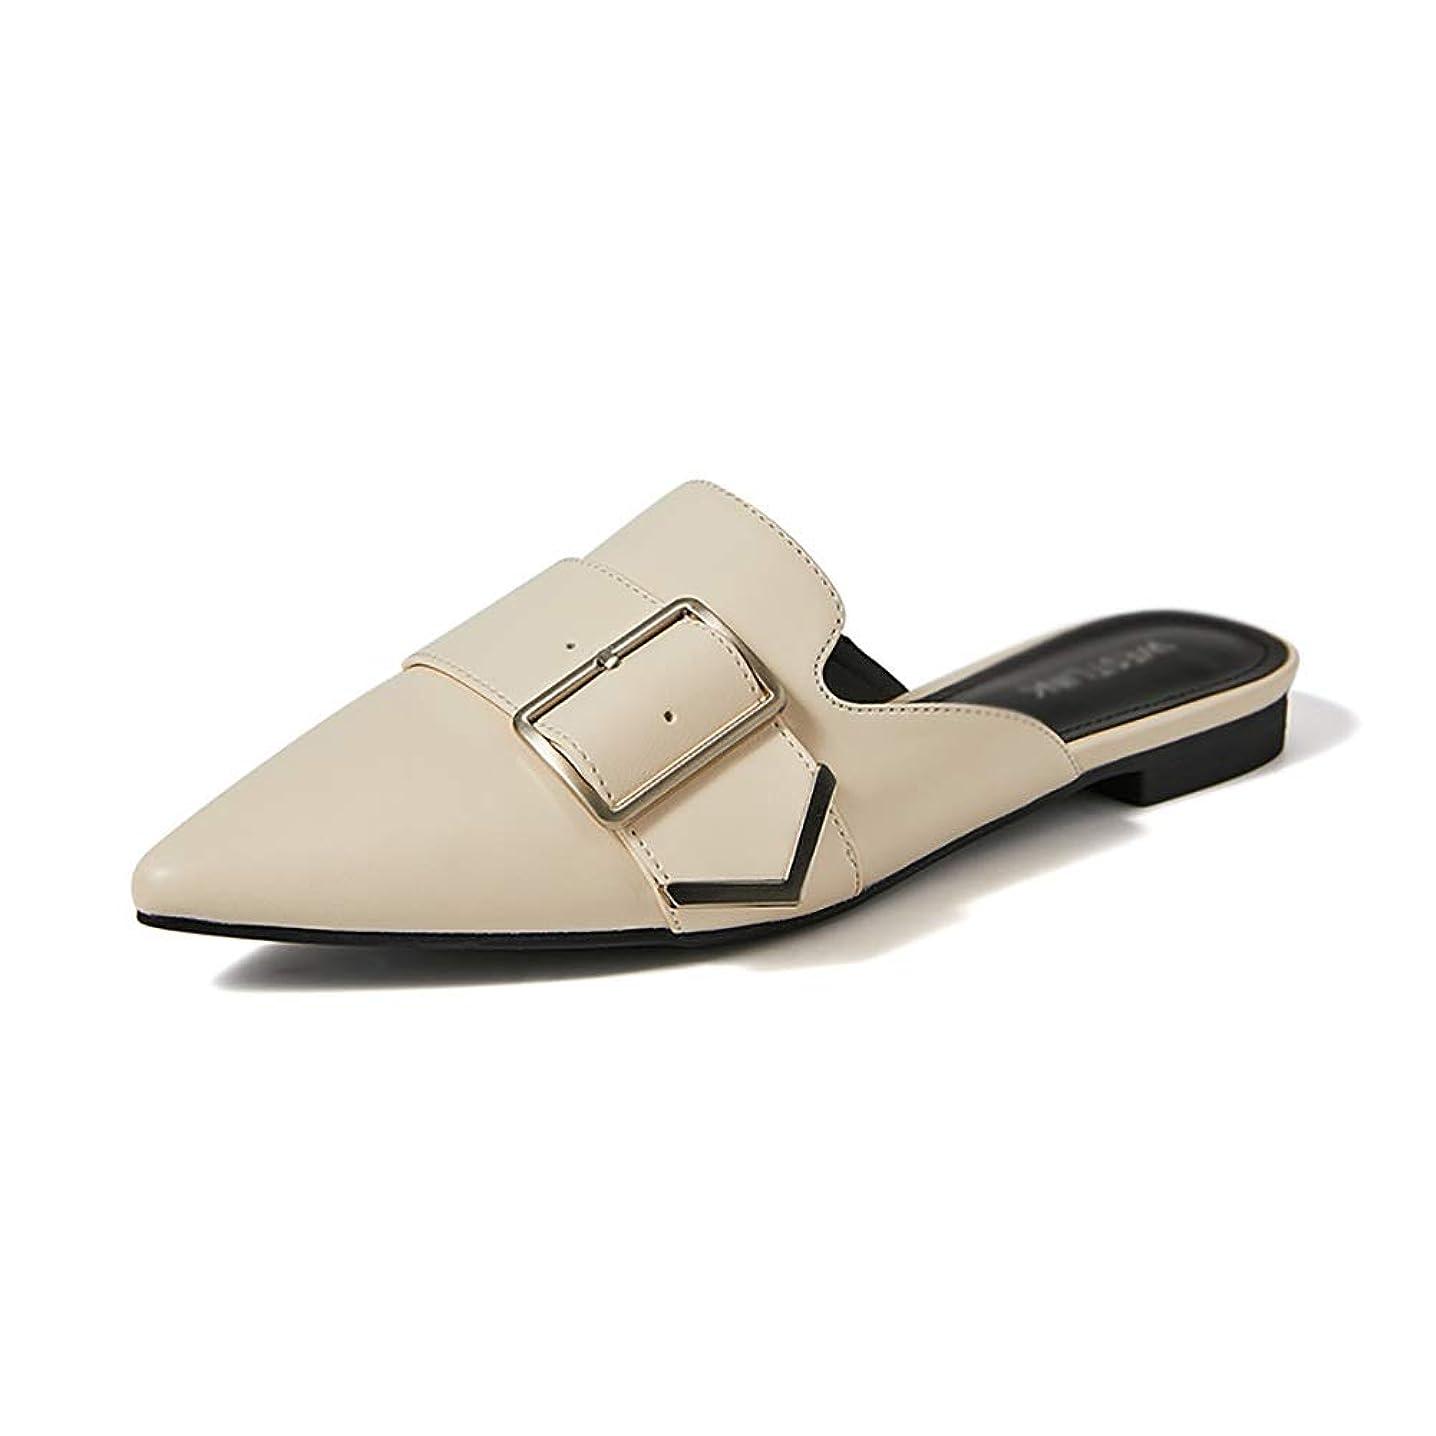 スクリュー安らぎガウンYXX- 女性のラバのスライドの靴、ローファーの女性の背中が大きく開いスリップのつま先のスリッパの靴 (色 : 白, サイズ さいず : 39)